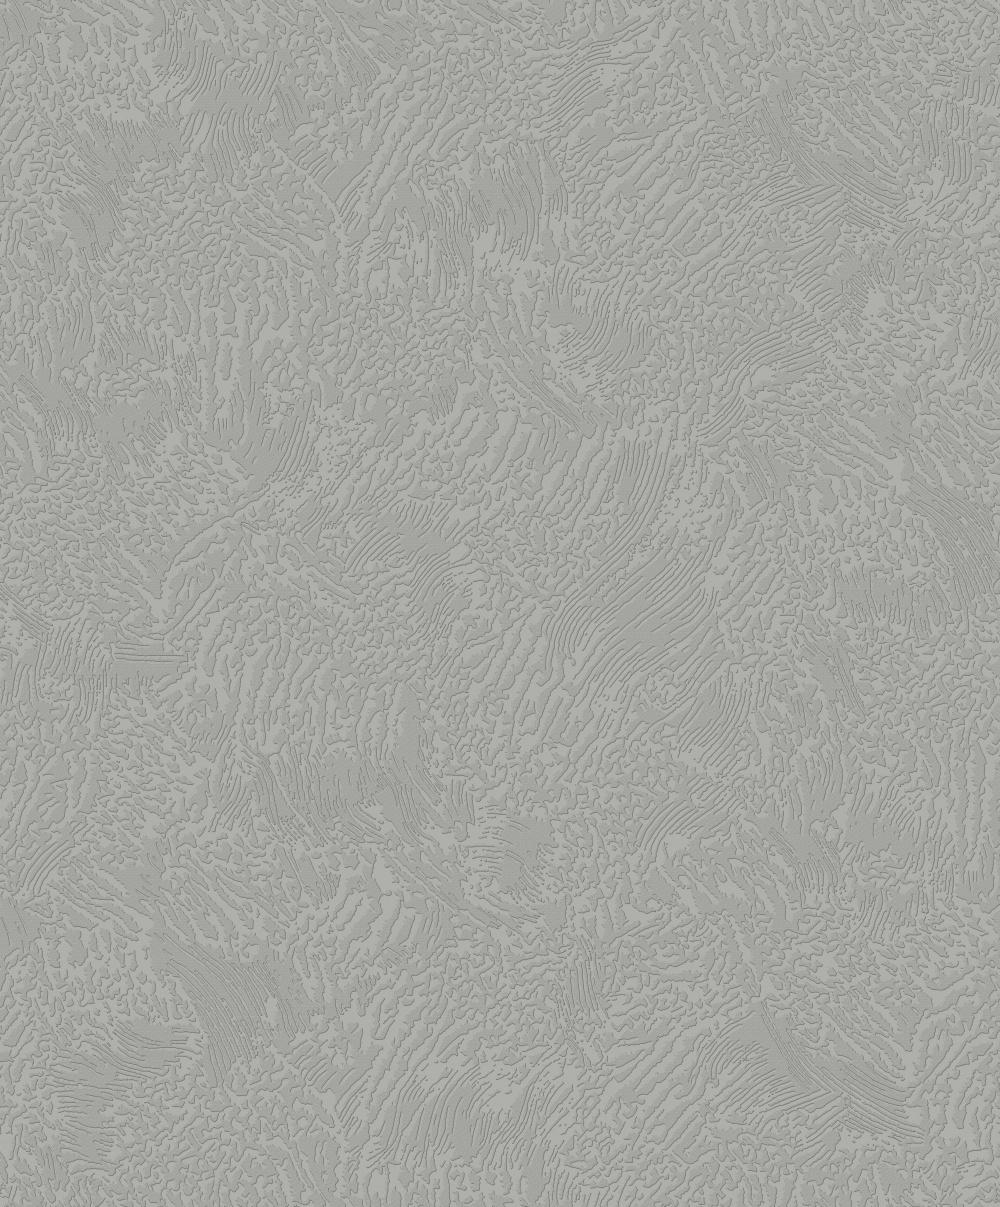 арт. 1076-12